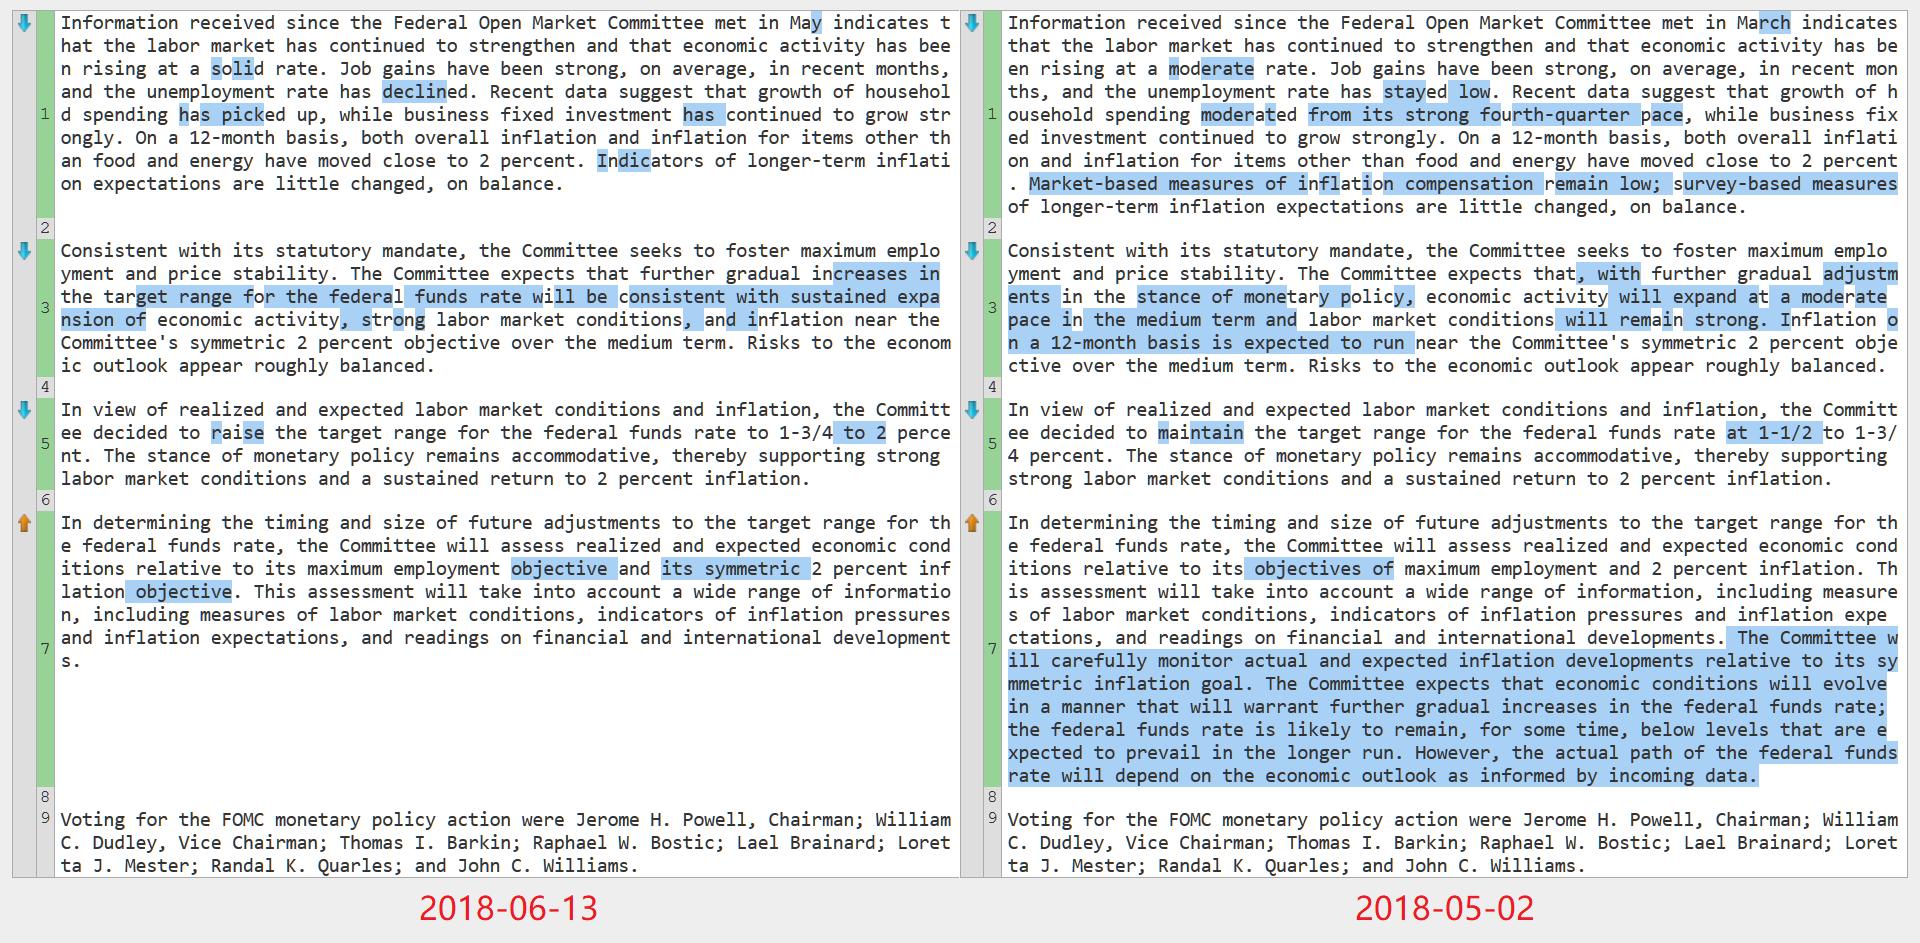 最近两次美联储FOMC声明文本比较(6月13日 vs. 5月2日)(来源:美联储、新浪财经整理)